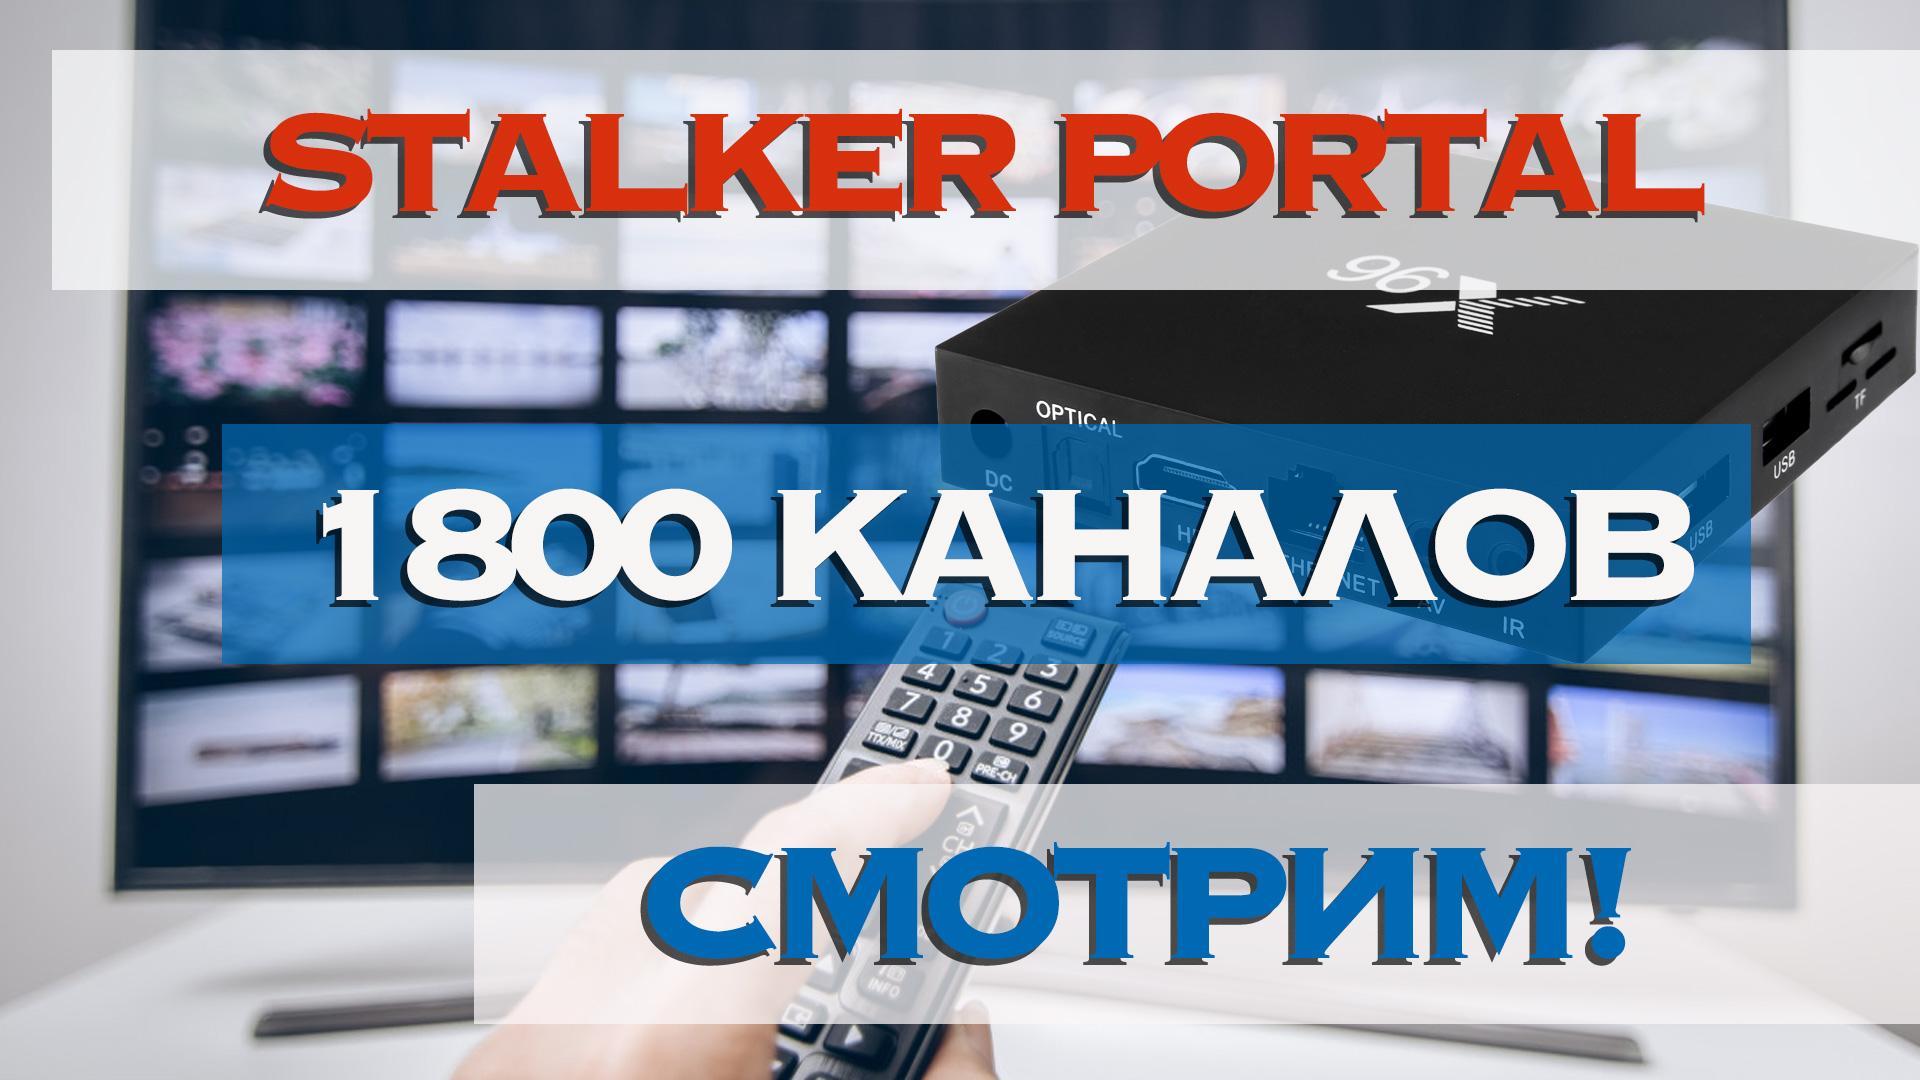 работоспособность портала StalkerMix на приставках Mag 250 - IPTV на iptv-приставках - Gomel-Sat.bz - Форум о спутниковом телевидении